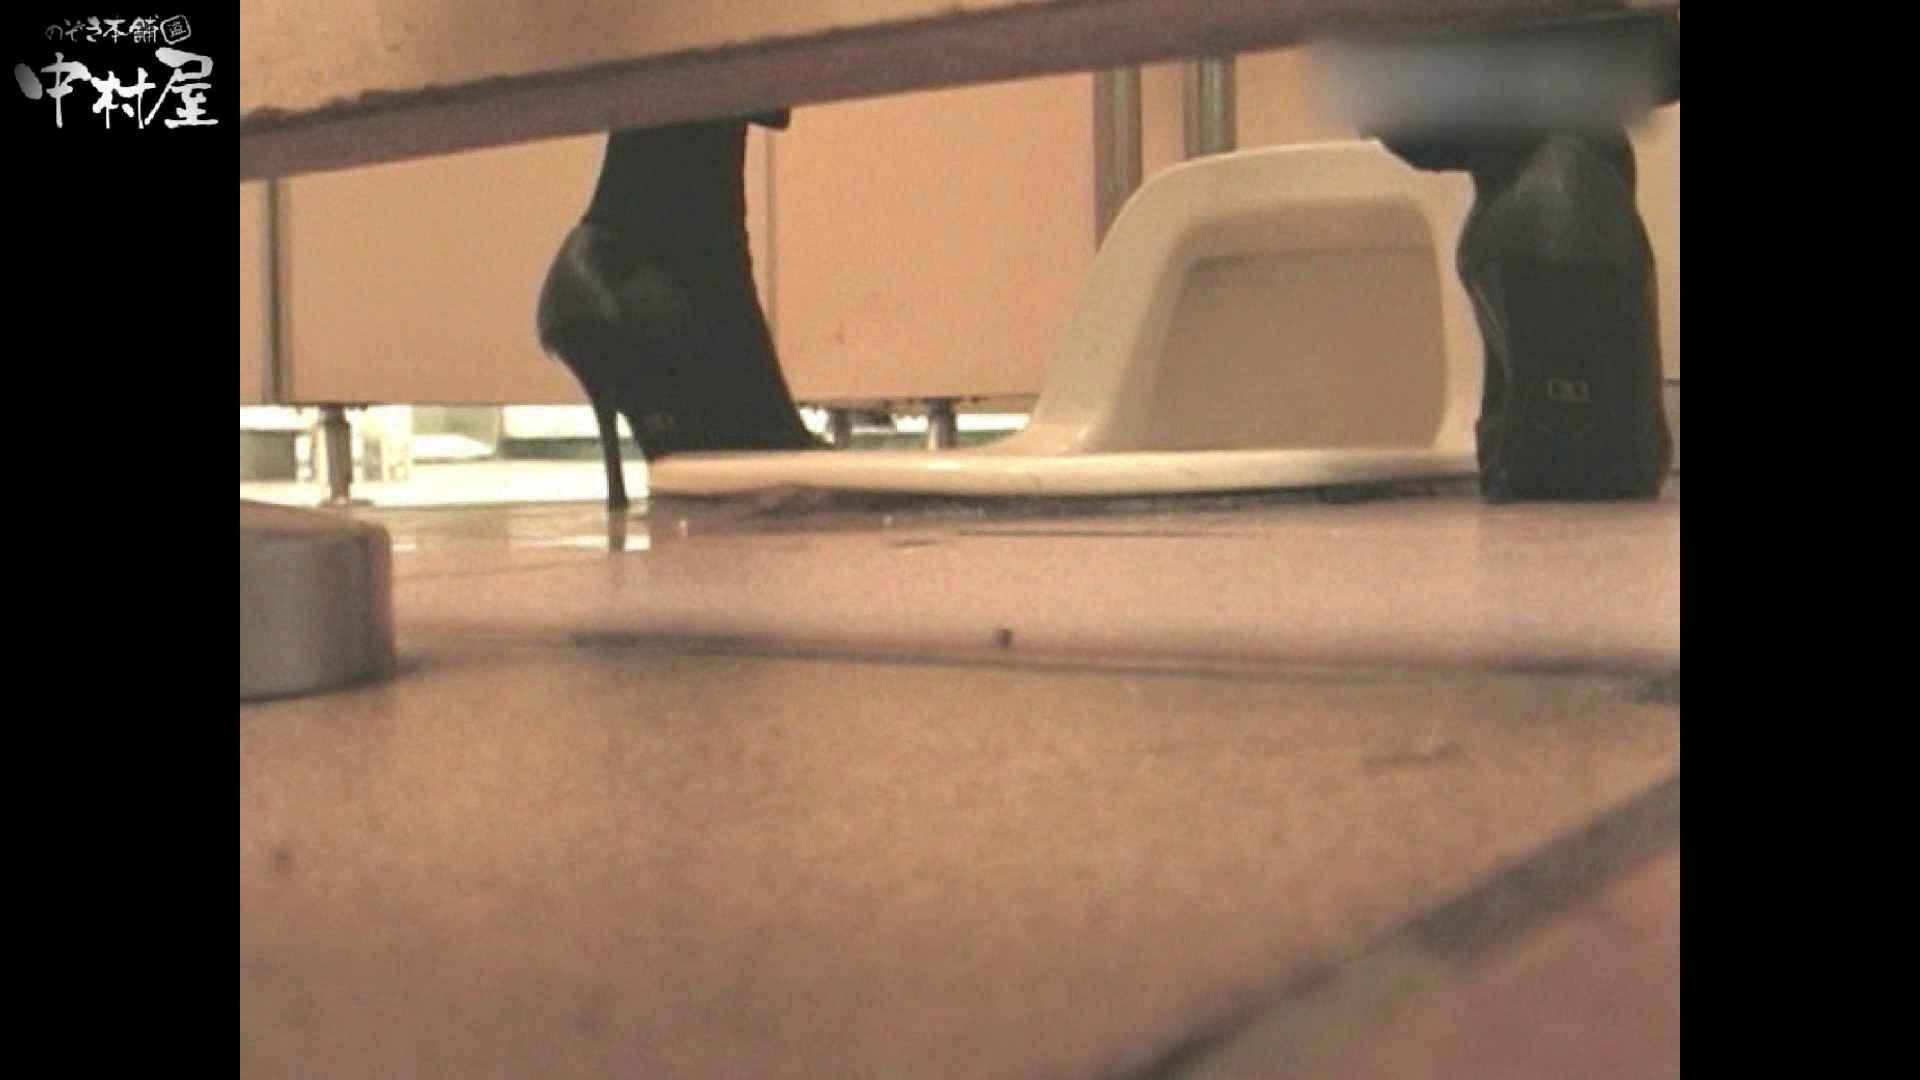 岩手県在住盗撮師盗撮記録vol.09 エッチな盗撮 盗撮動画紹介 110pic 39